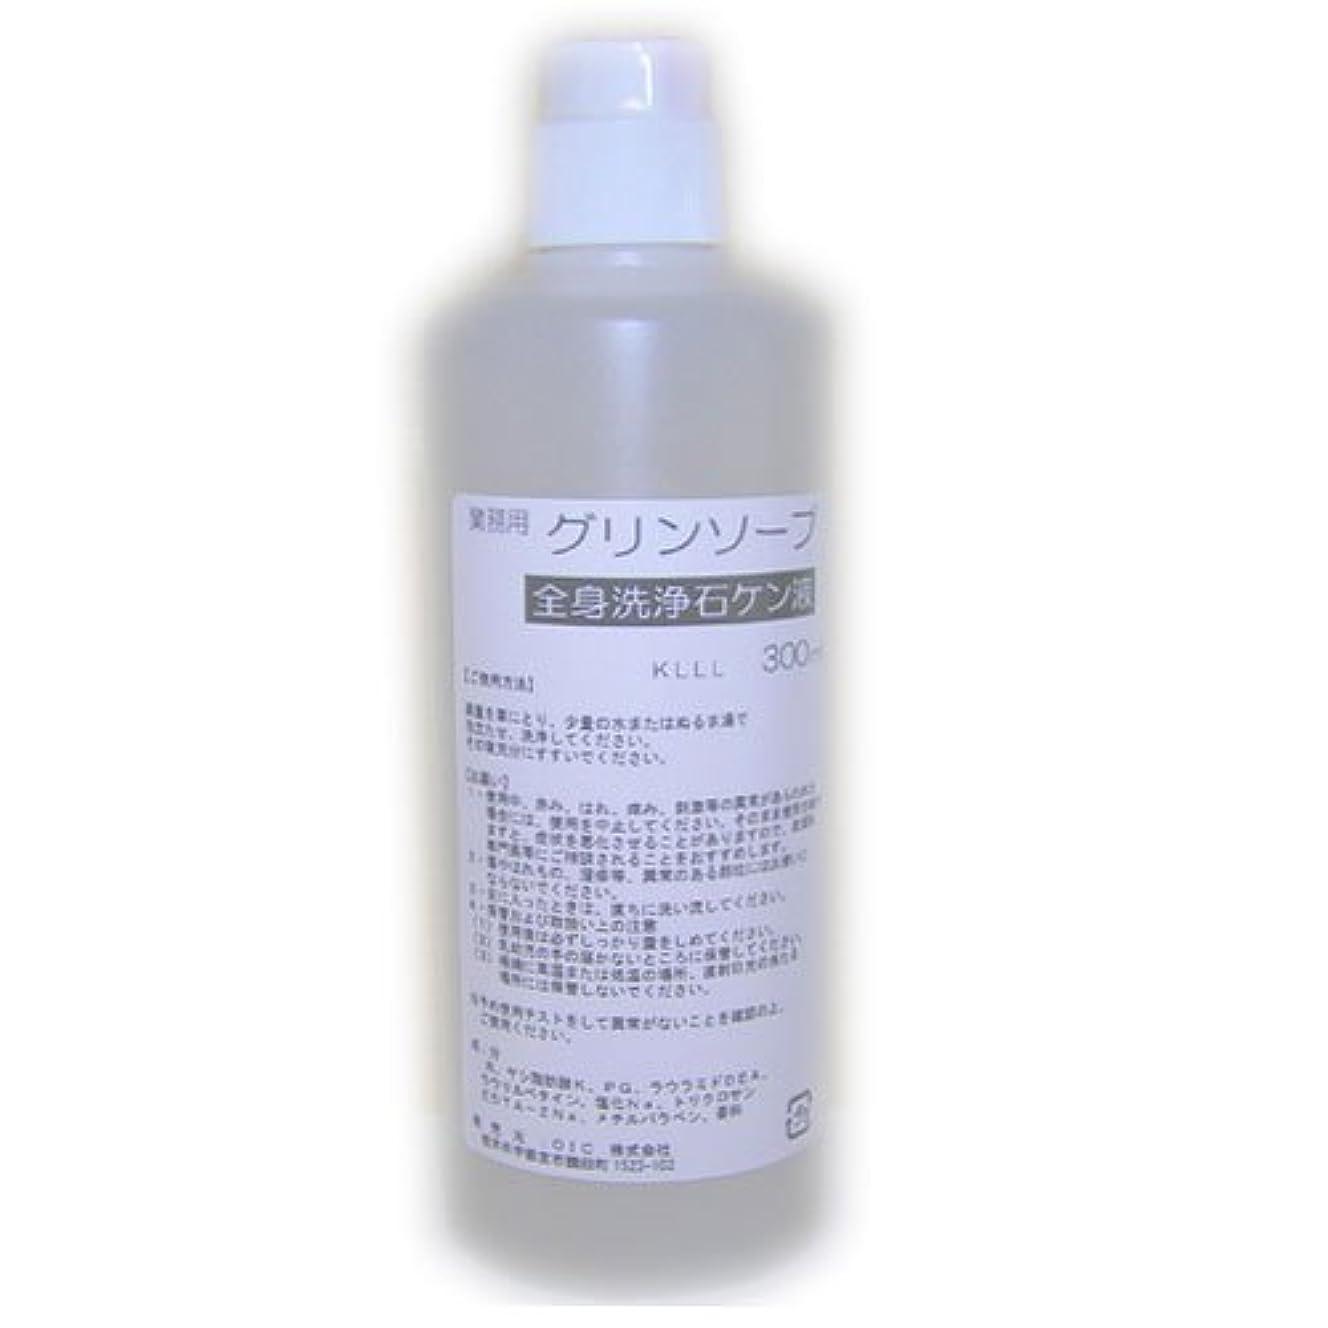 超える薬を飲むピン業務用ボディソープ 殺菌成分配合?消毒石鹸液 グリンソープ (300ml (2本セット))